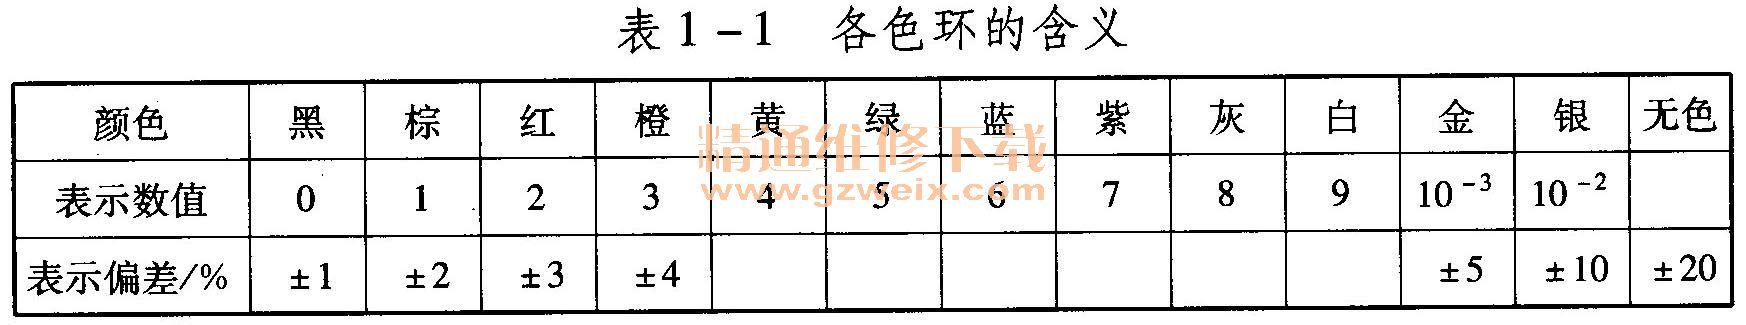 """1)电容器的构成 固定电容通常用C来表示,电路符号及外形如图1-17所示,固定电容器要由金属电极、介质层和电极引线组成,各种字母所代表的介质材料见表1-3。由于在两块金属电极之间夹有一层绝缘的介质层,所以两电极是相互绝缘的。这种结构特点就决定了固定电容器具有""""隔直流通交流""""的基本性能。直流电的极性和电压大小是固定的,所以不能通过电容,而交流电的极性和电压的大小是不断变化的,能使电容不断地进行充放电,形成充放电电流。所以,从这个意义上说,交流电可以通过电容器。   2)主要性能参数"""